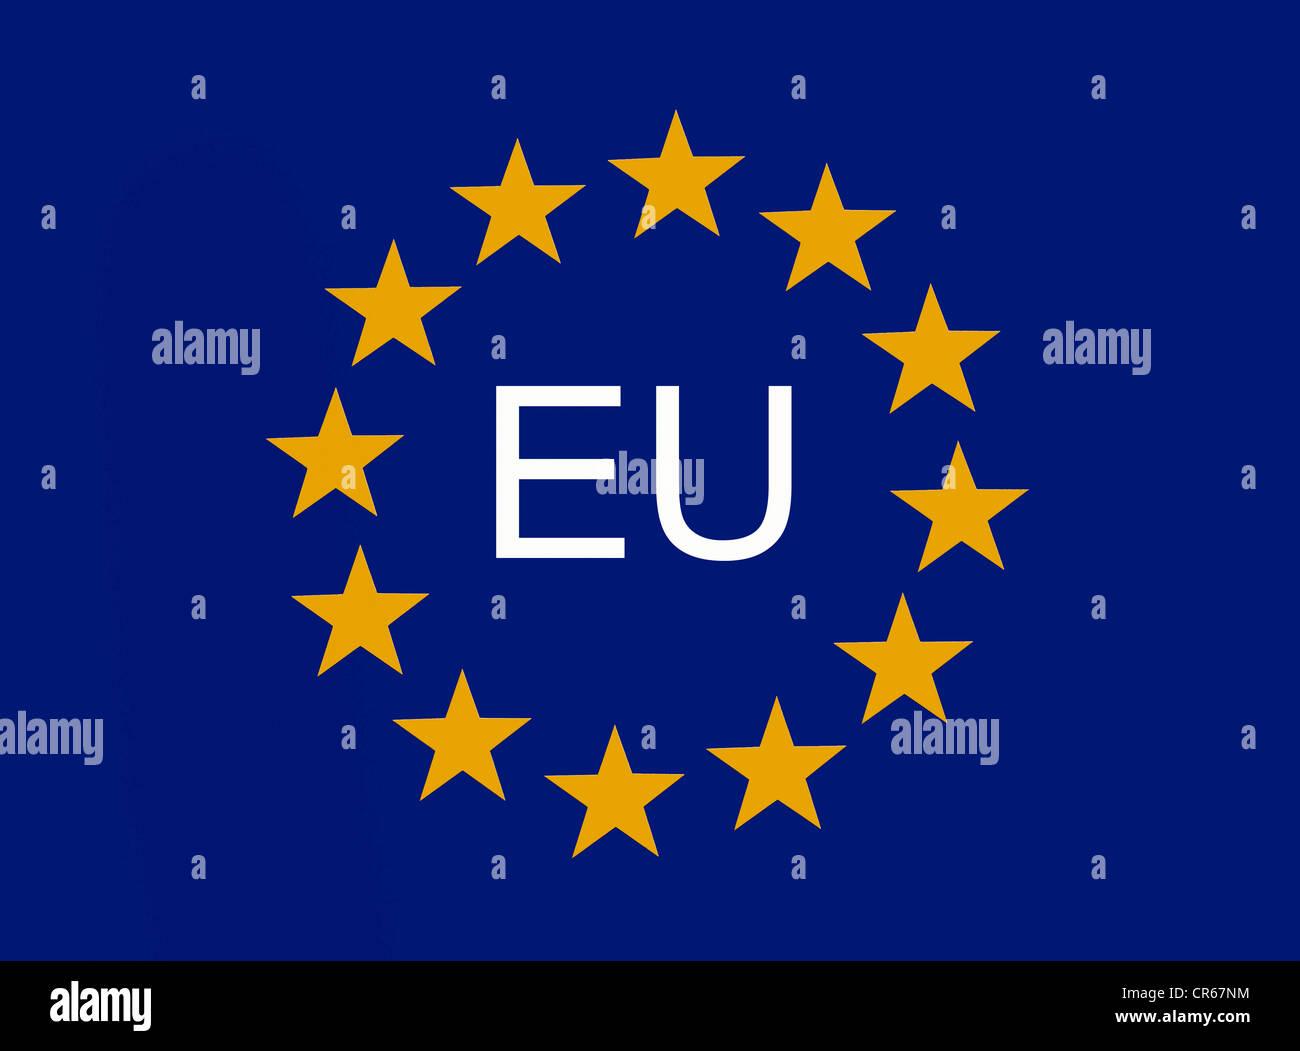 Europäische Symbol, 12 EU-Sternen der Europäischen Union Stockbild